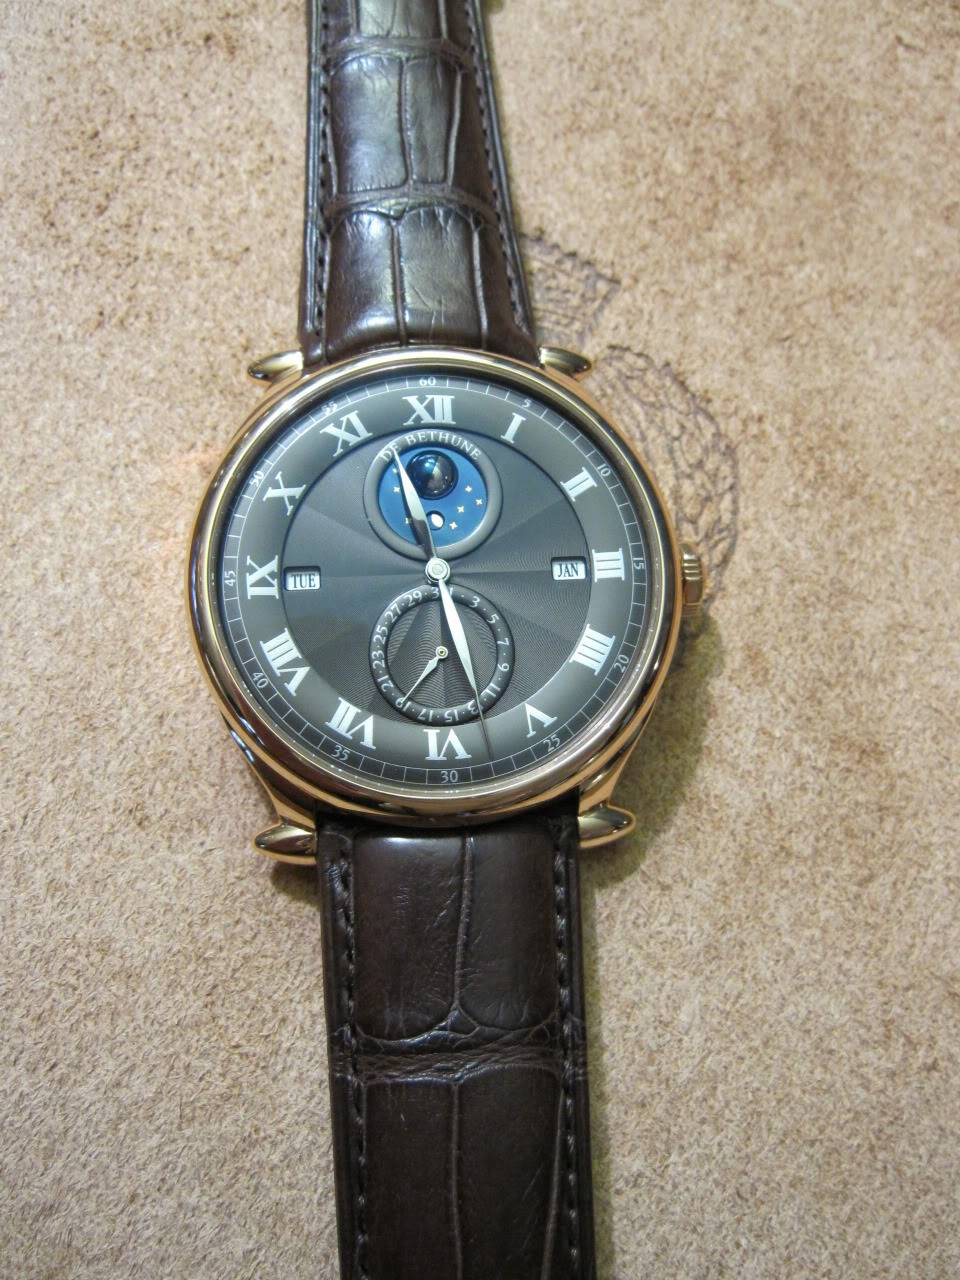 Où l'horlogerie devient art... (De Bethune inside) - Page 2 DB_SIHH2010_016